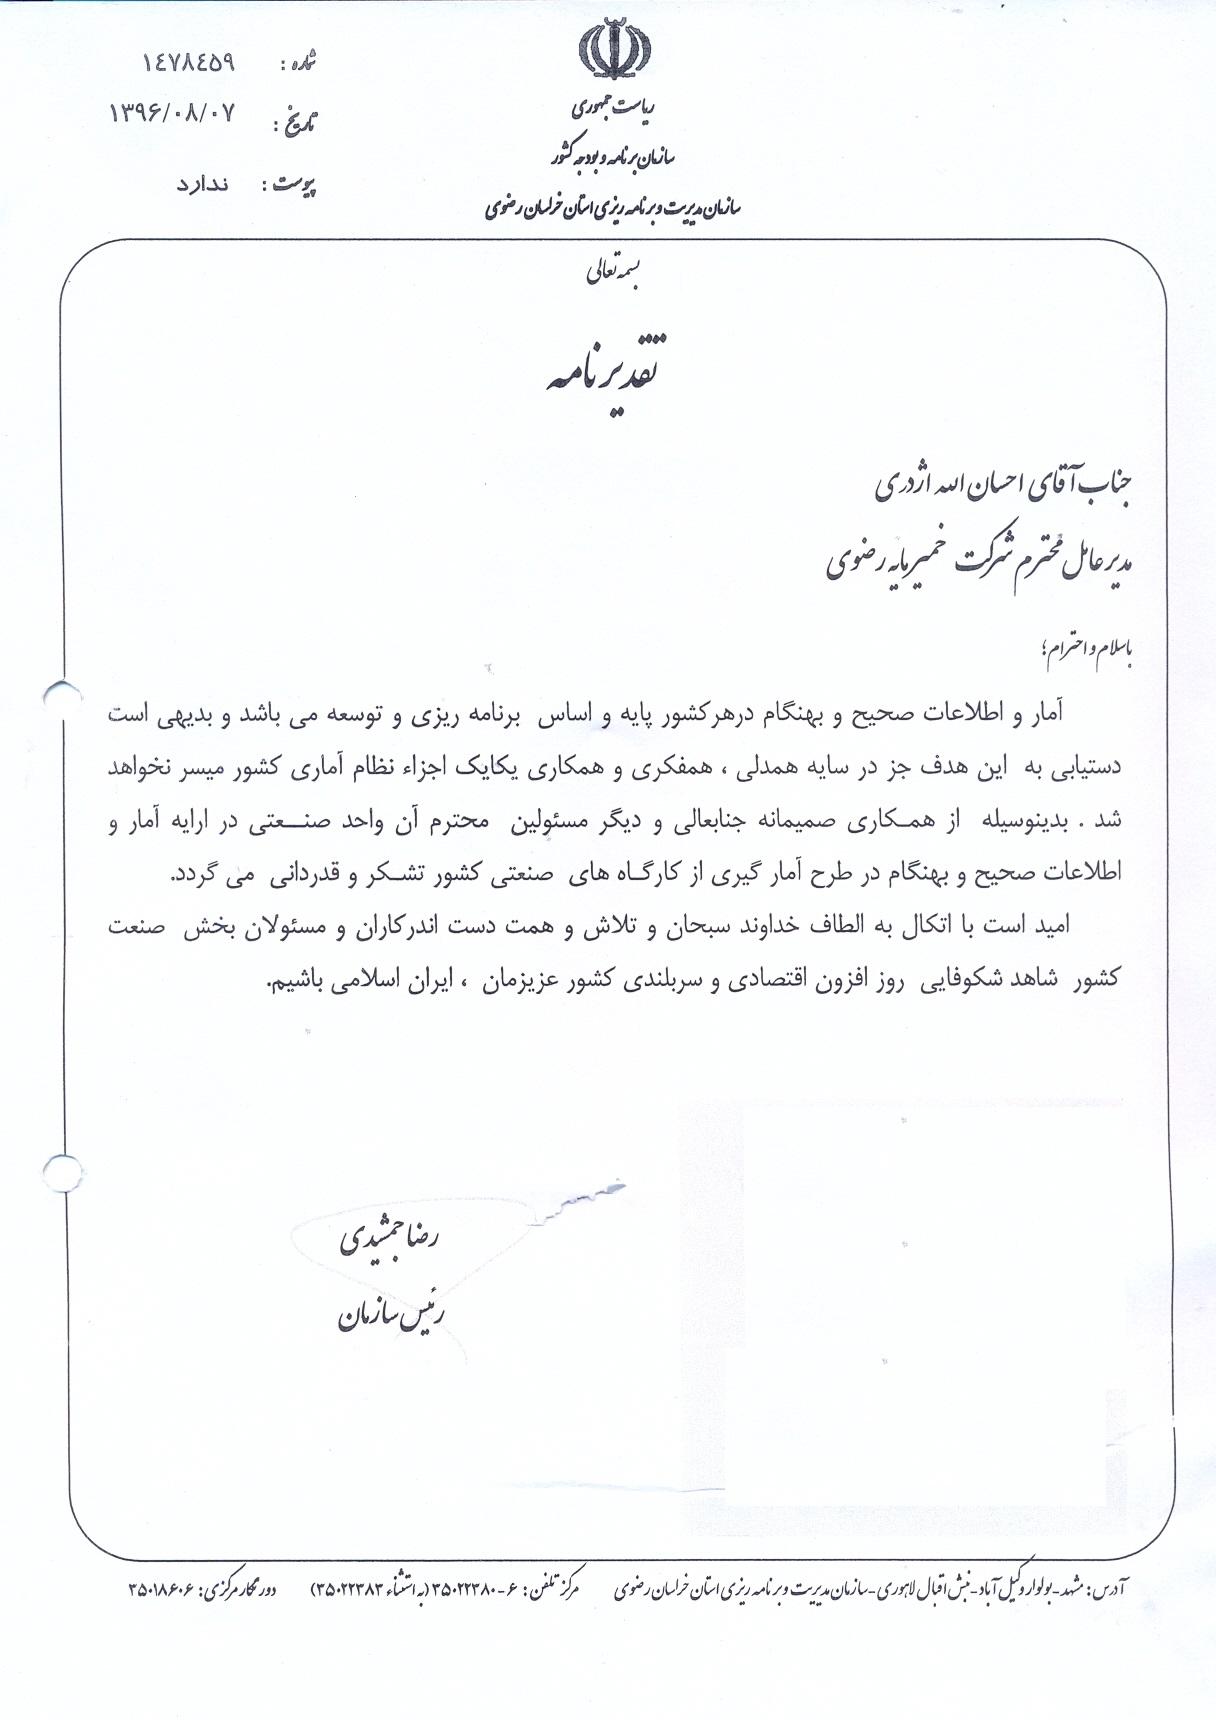 تقدیر نامه سازمان مدیریت و برنامه ریزی - 96